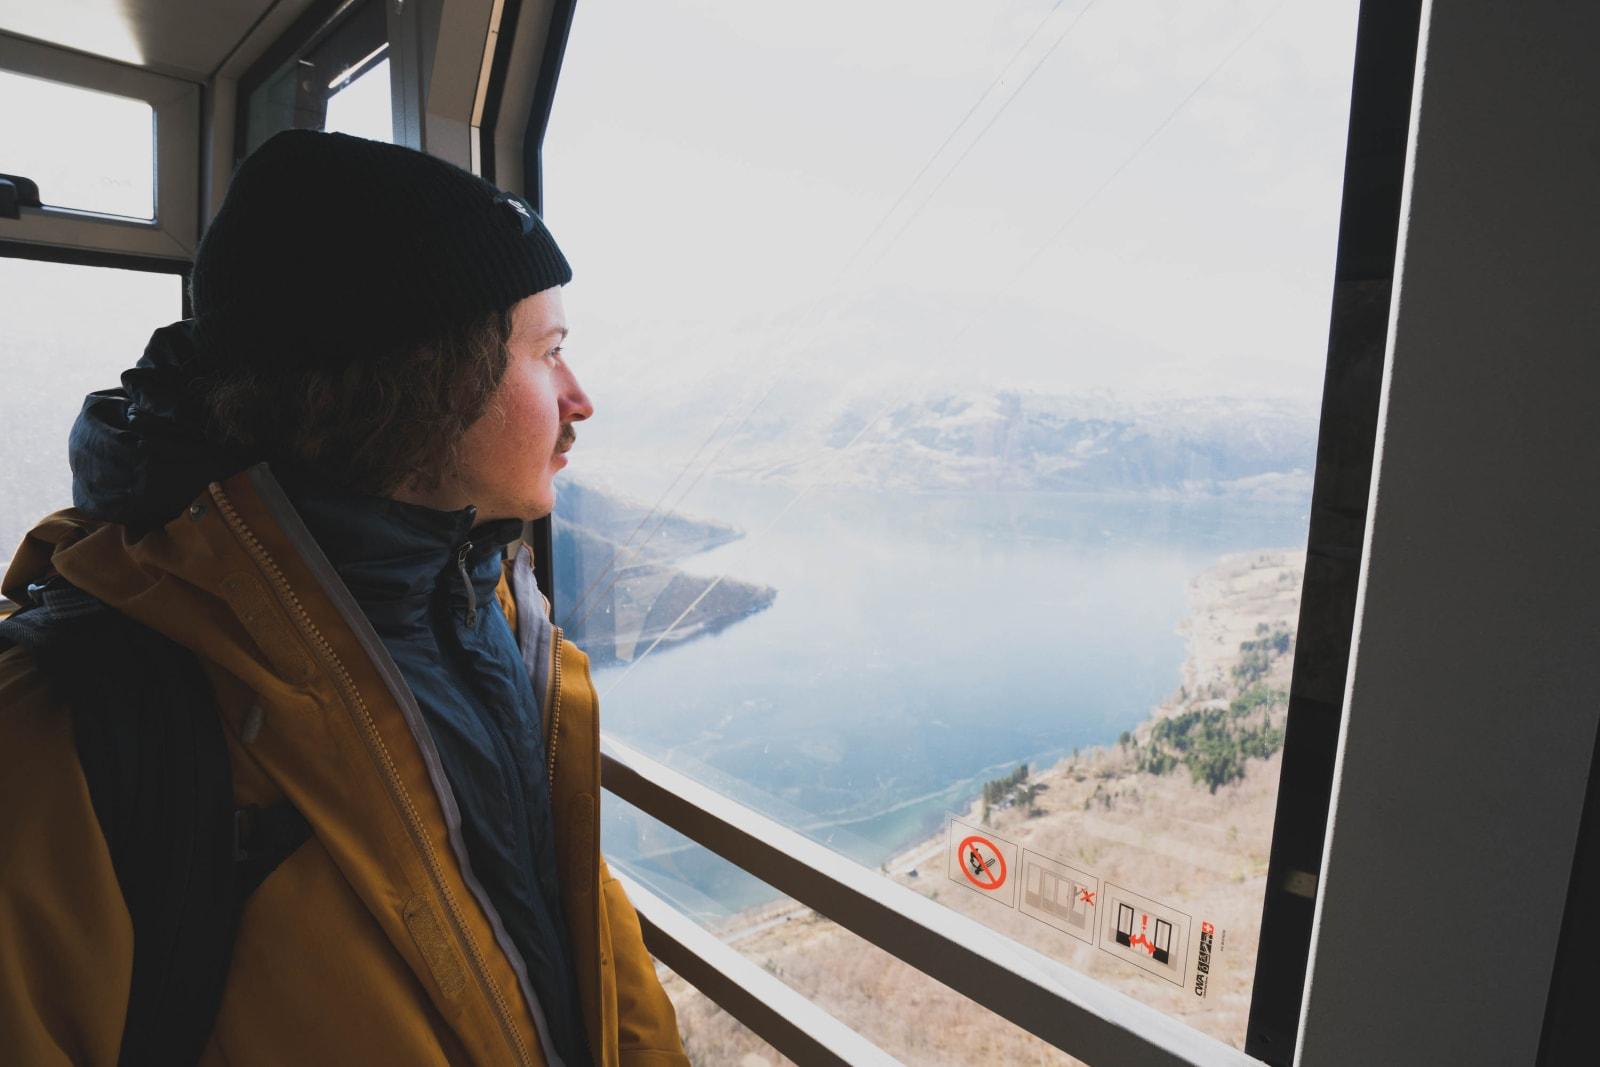 FYSTEREIS: Ferda opp fjellveggen set hovudet i gang, og innan me er oppe er meir enn ei skilinje sett og lagt til i lista. Foto: Bård Basberg